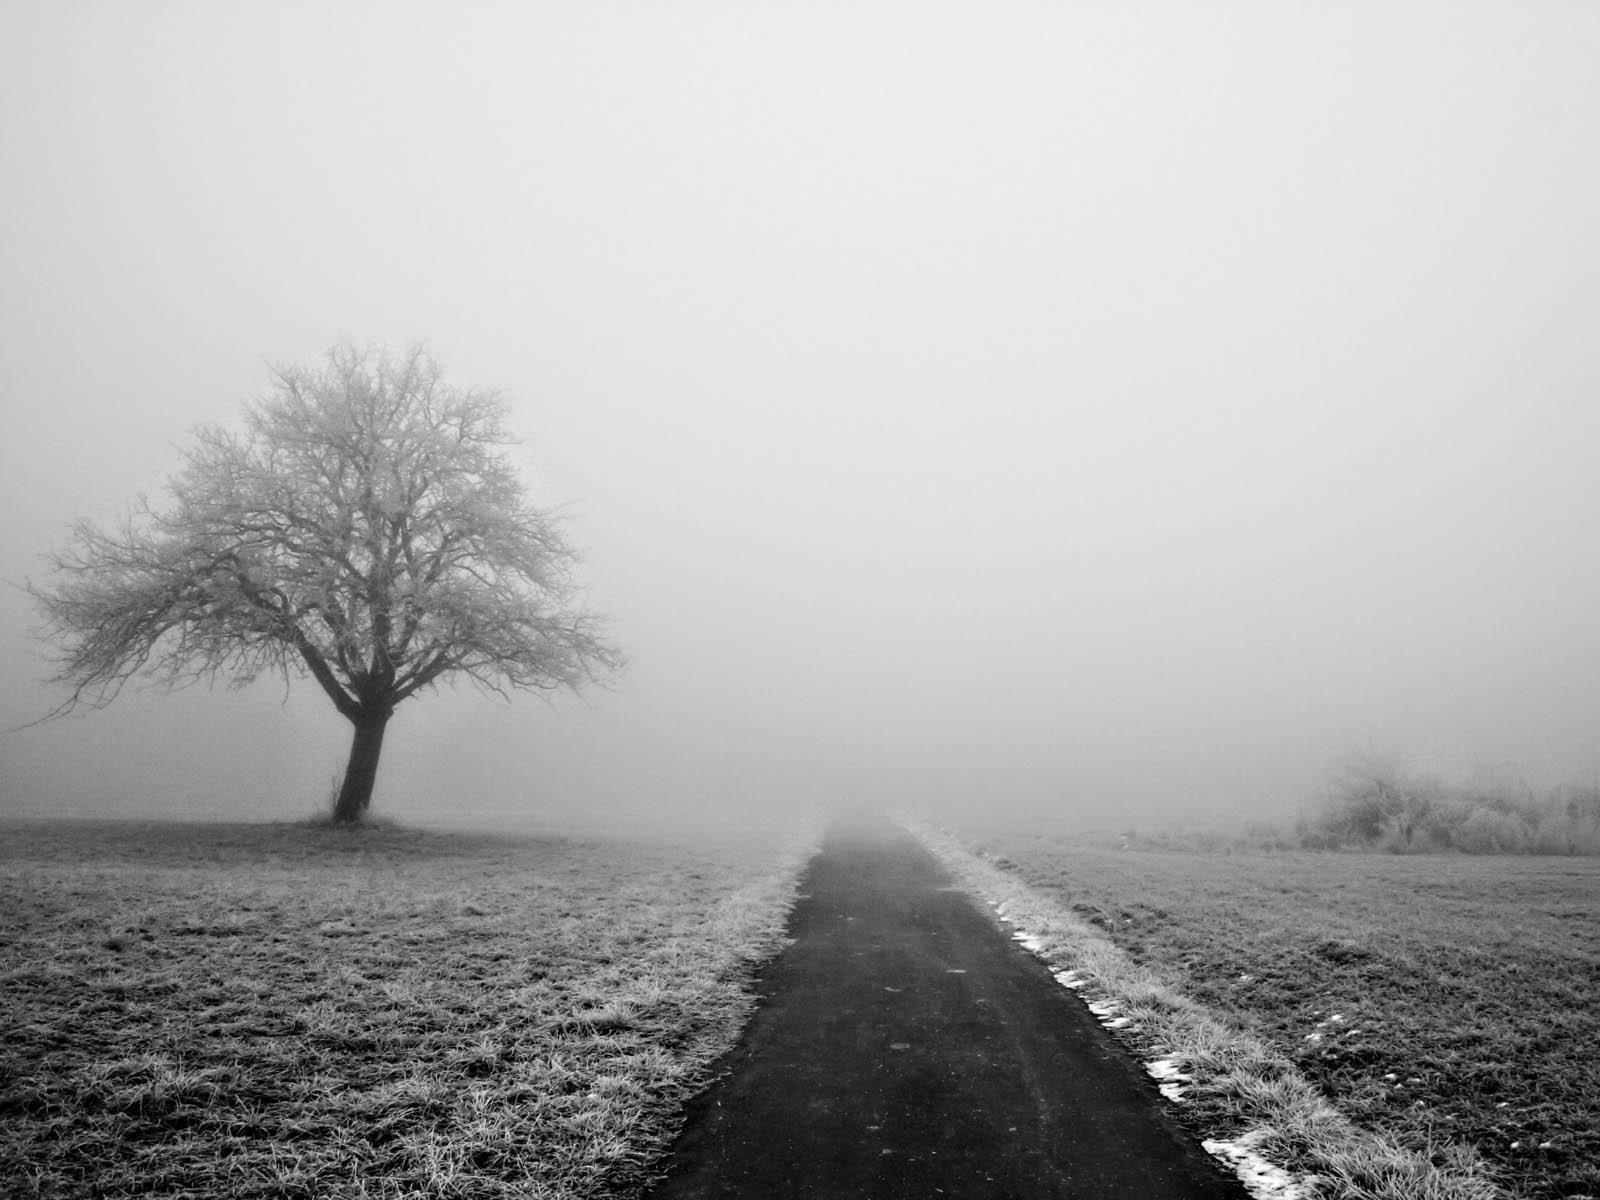 Hình ảnh thể hiện sự cô đơn